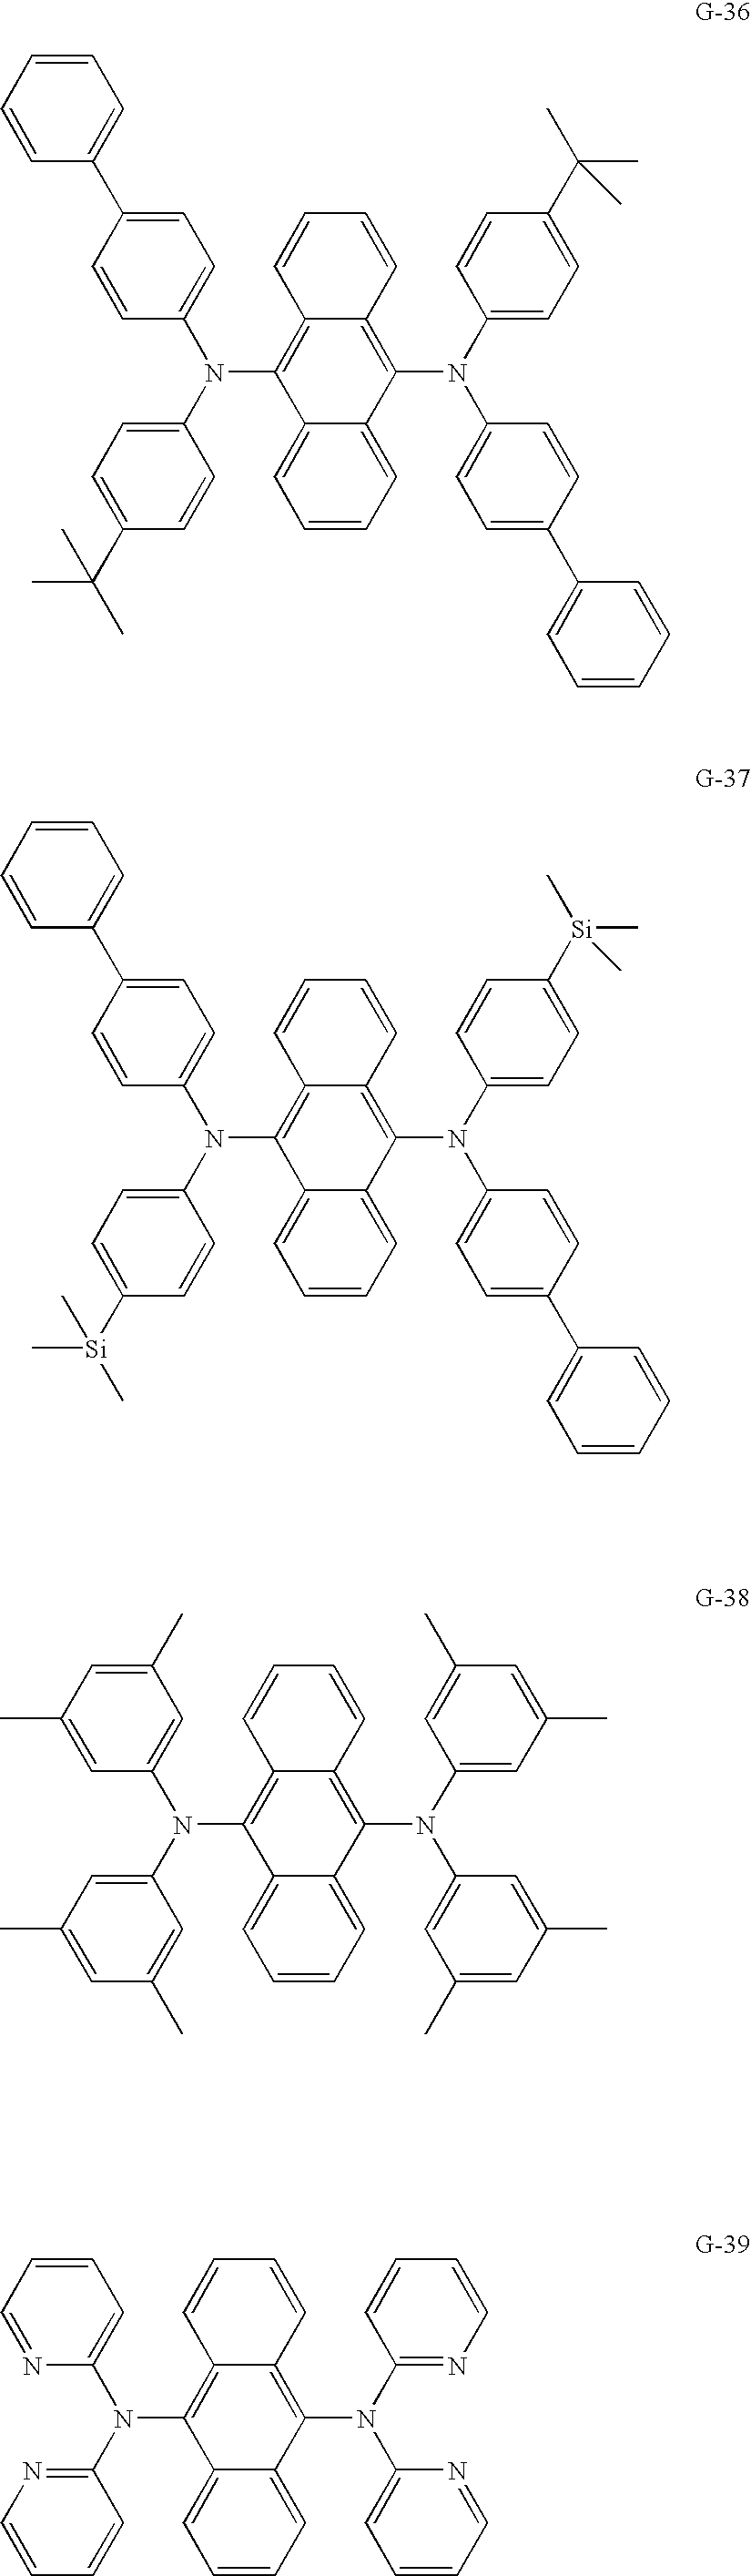 Figure US07651788-20100126-C00021